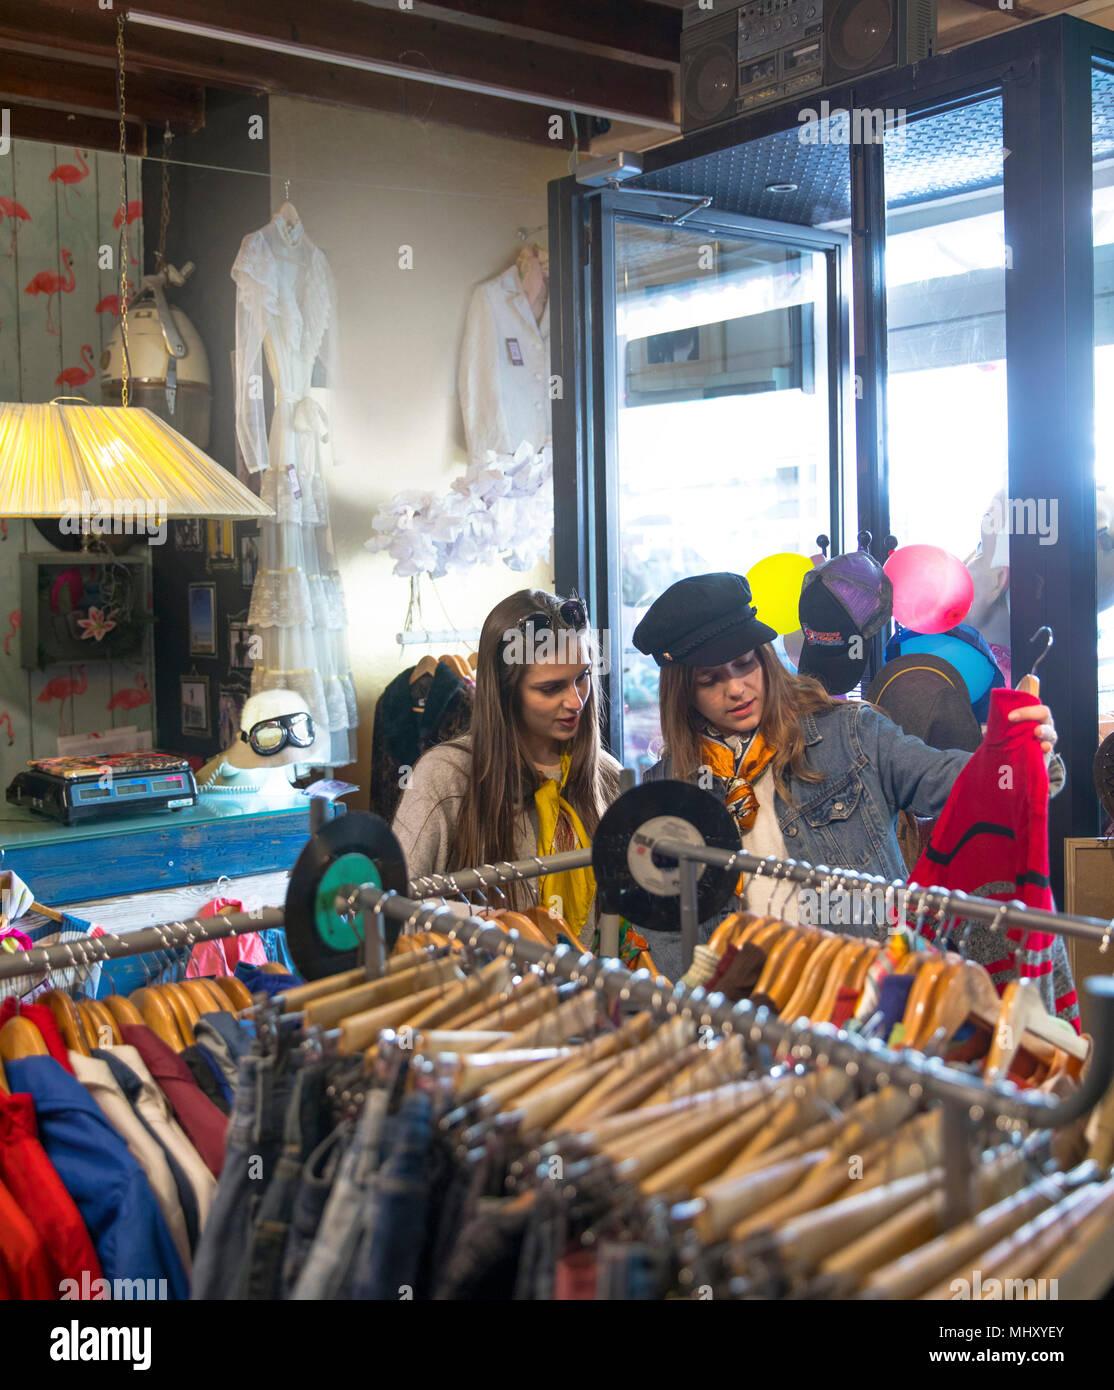 Freunde surfen Vintage Kleidung in Sparsamkeitspeicher Stockbild